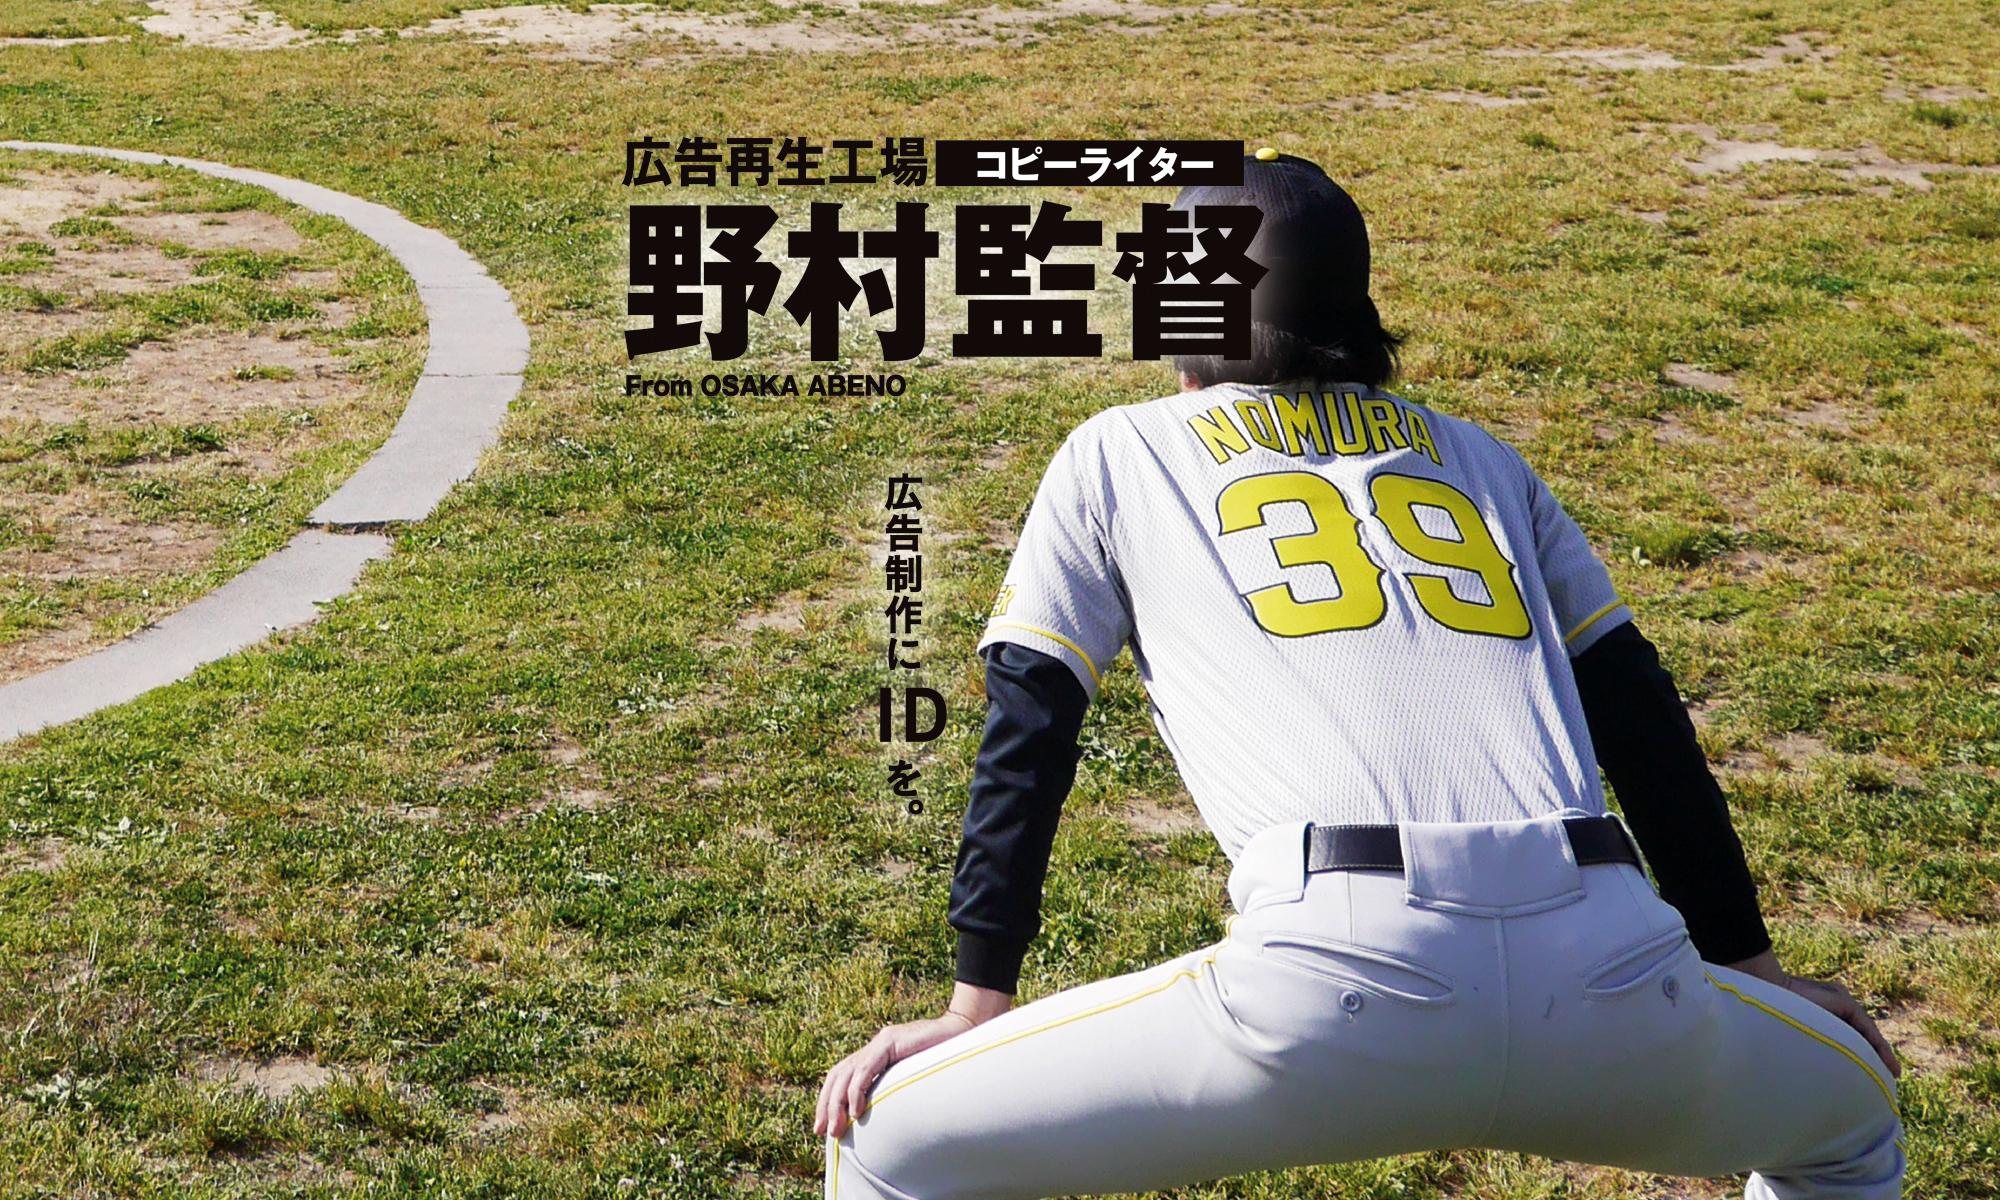 大阪・阿倍野 広告再生工場『野村監督』